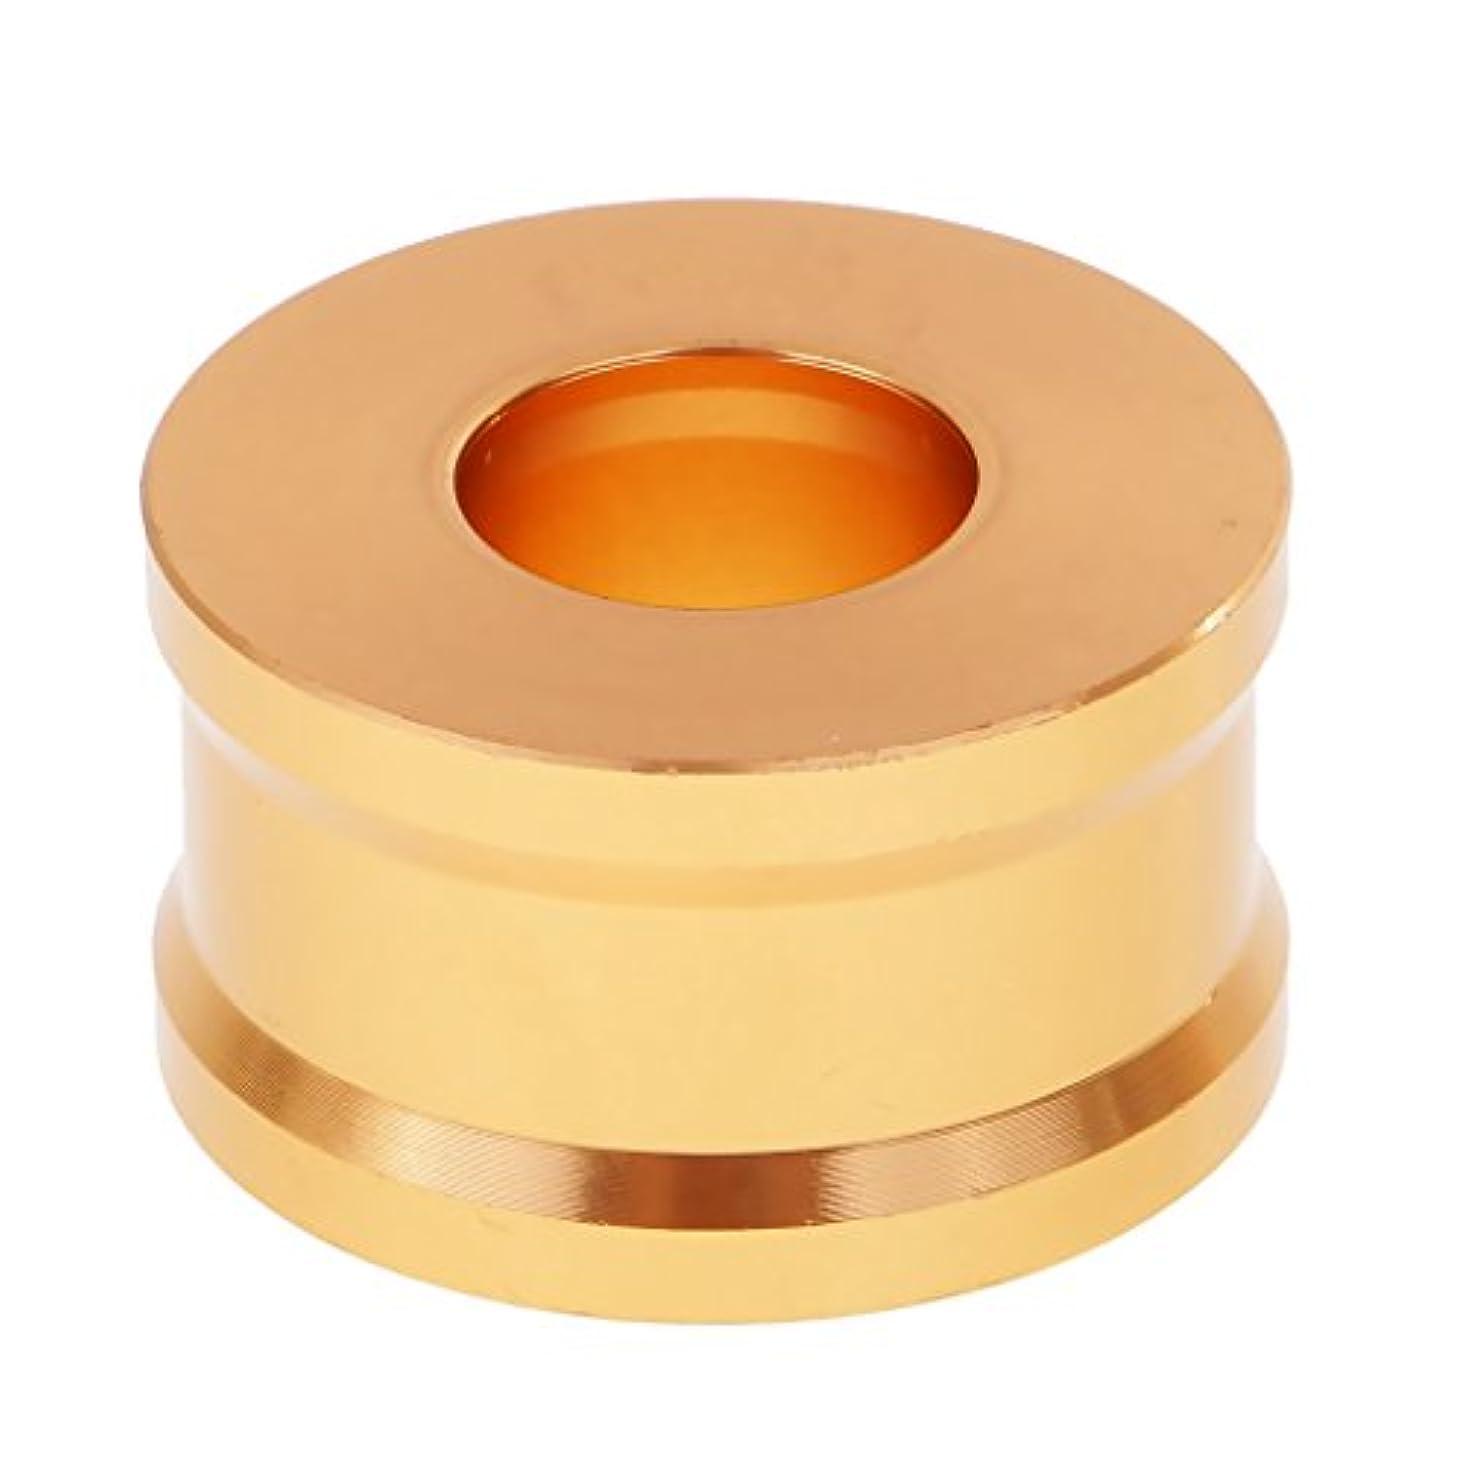 歯車反動子犬Injoyo パーソナリティメイクアップツール口紅化粧品DIY金型/金型製作ツール12.1mmチューブ用シリコン口紅金型充填リング